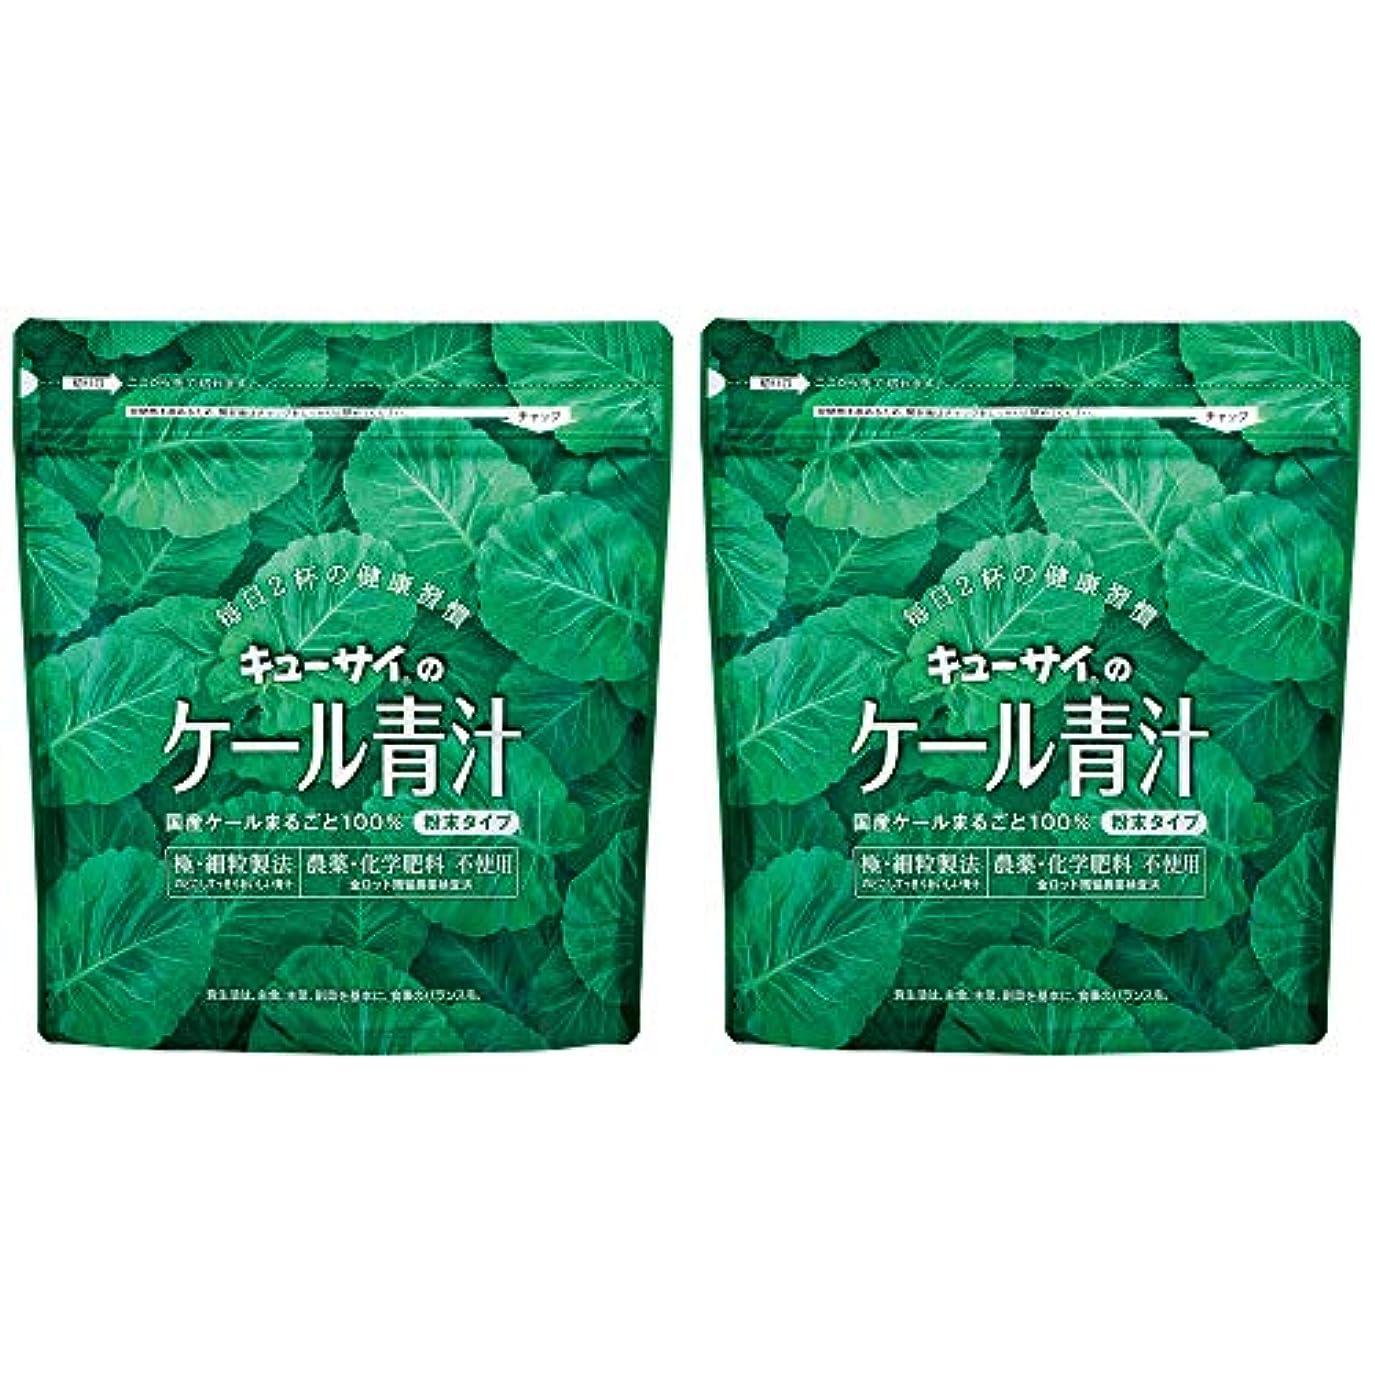 現象海峡注目すべきキューサイ青汁420g(粉末タイプ)2袋まとめ買い/キューサイ ケール青汁【1袋420g(約1カ月分)】